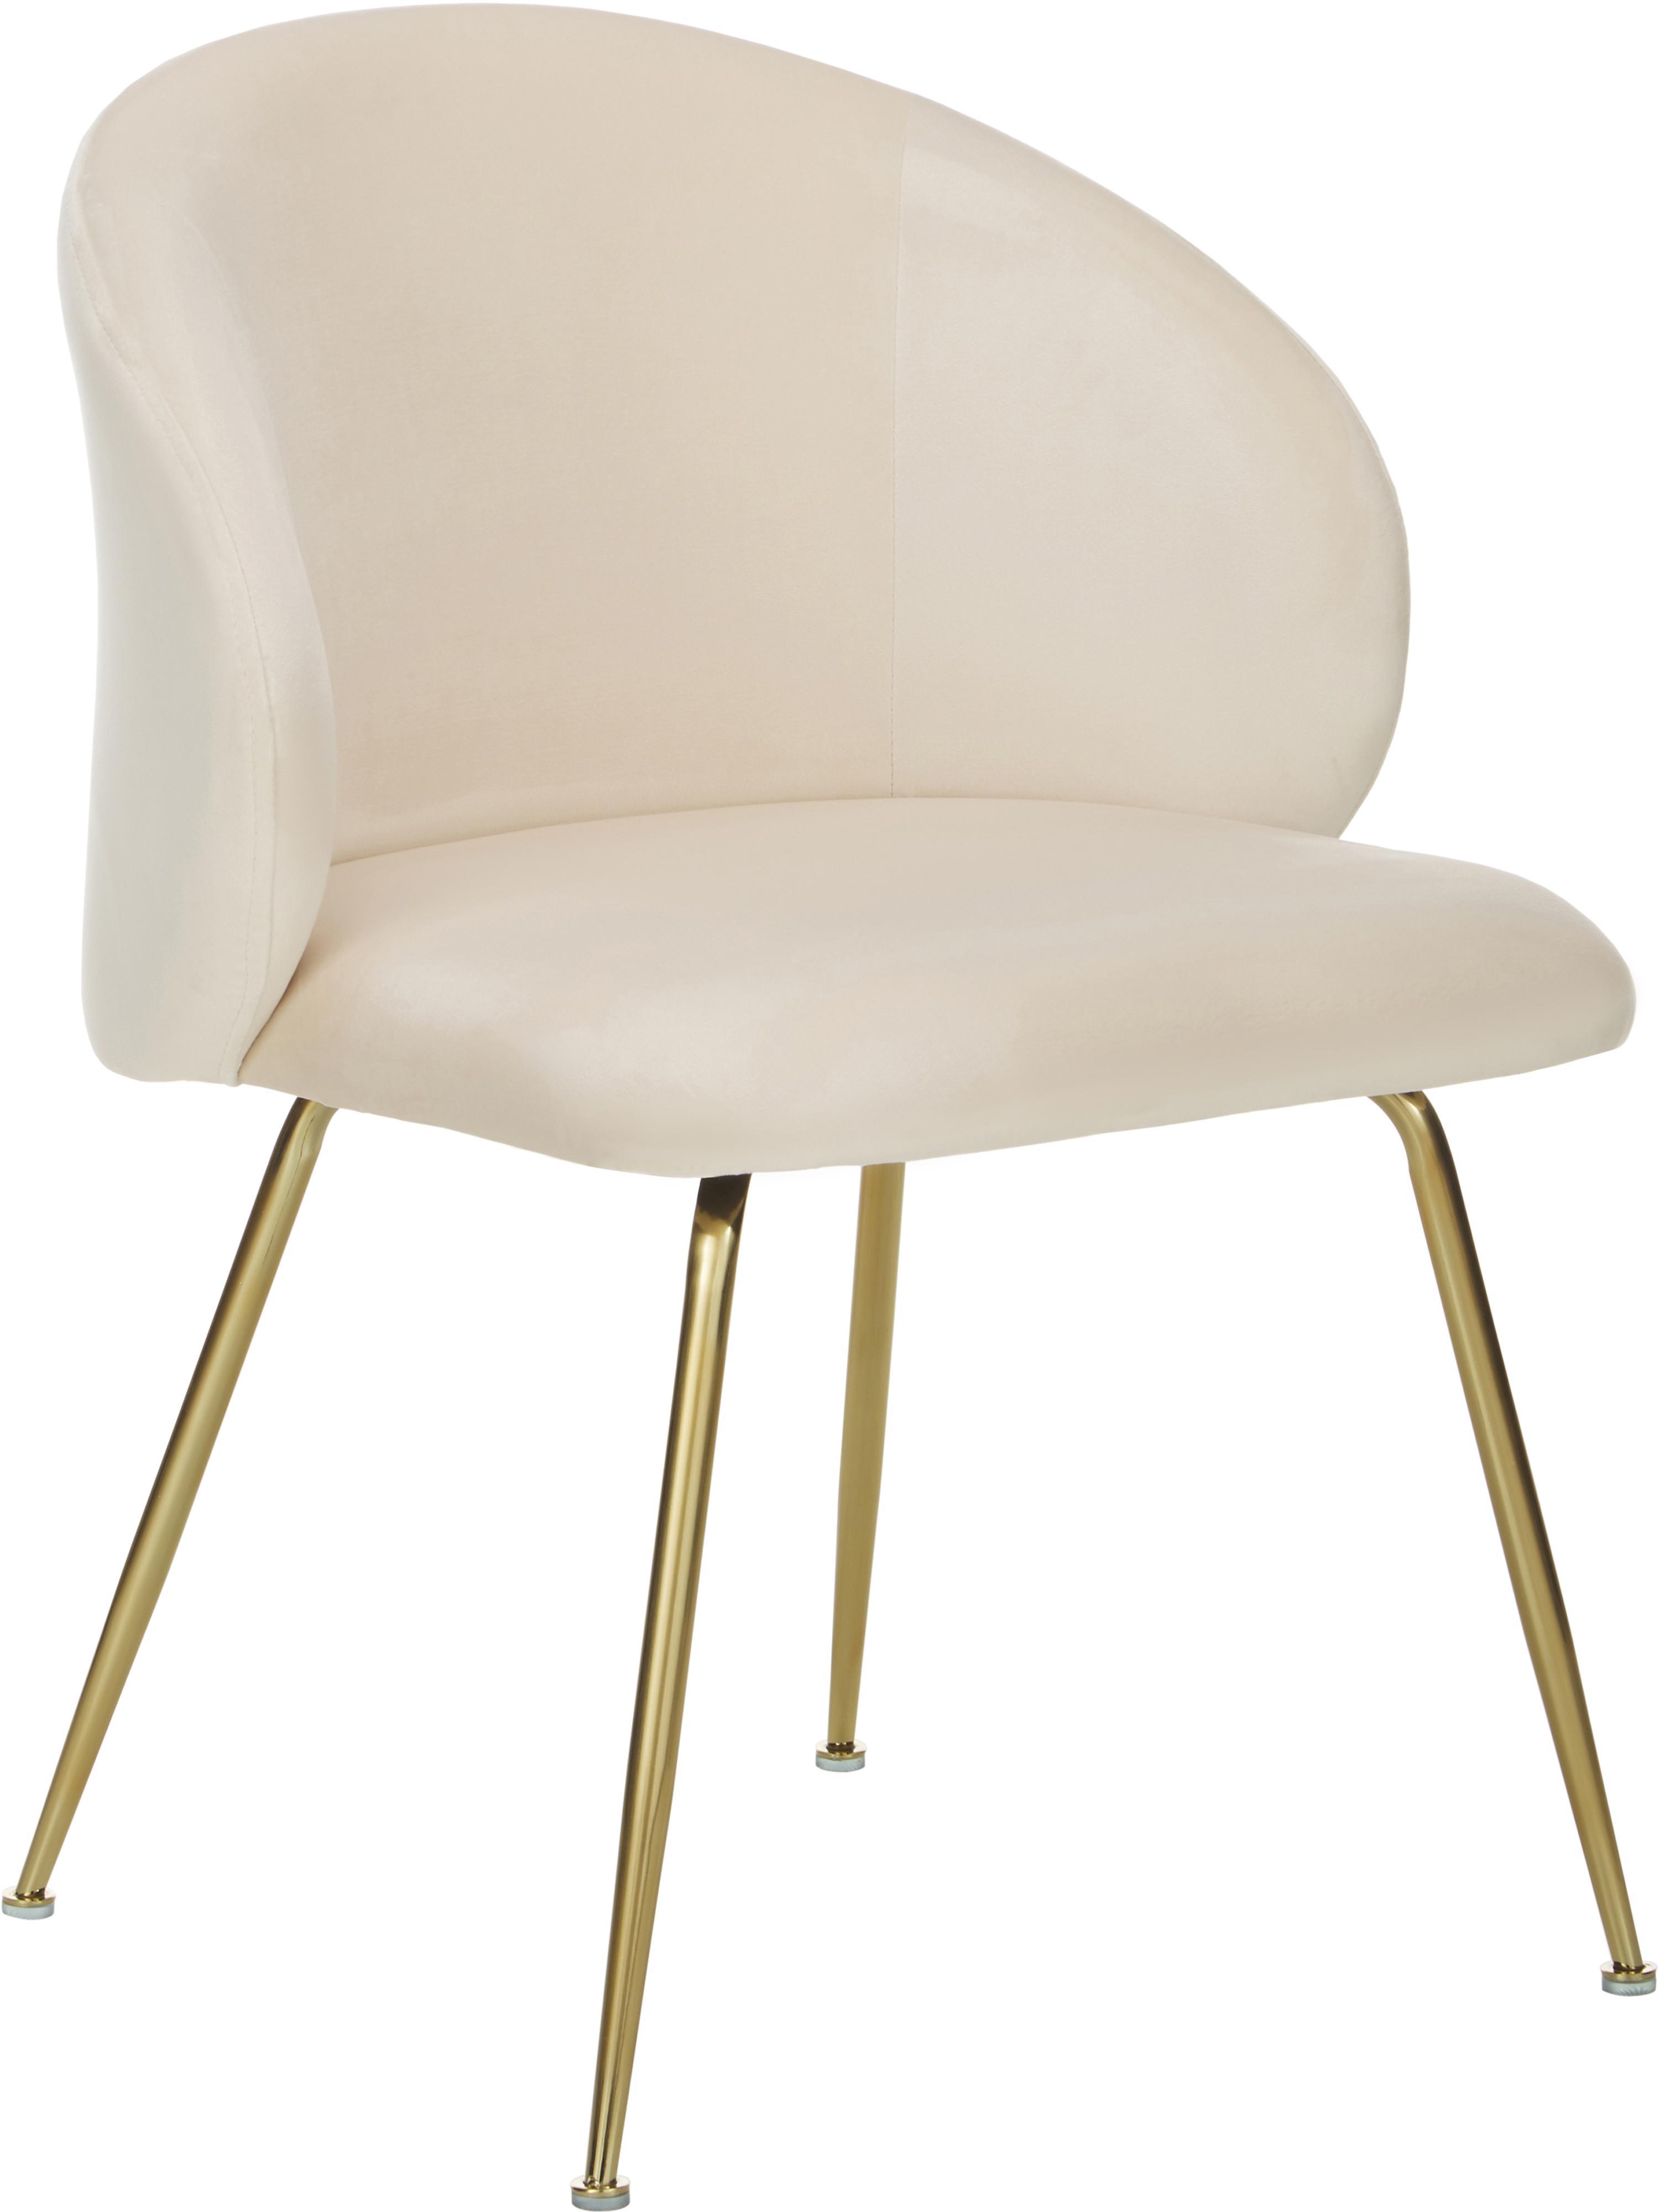 silla tapizada en terciopelo blanco